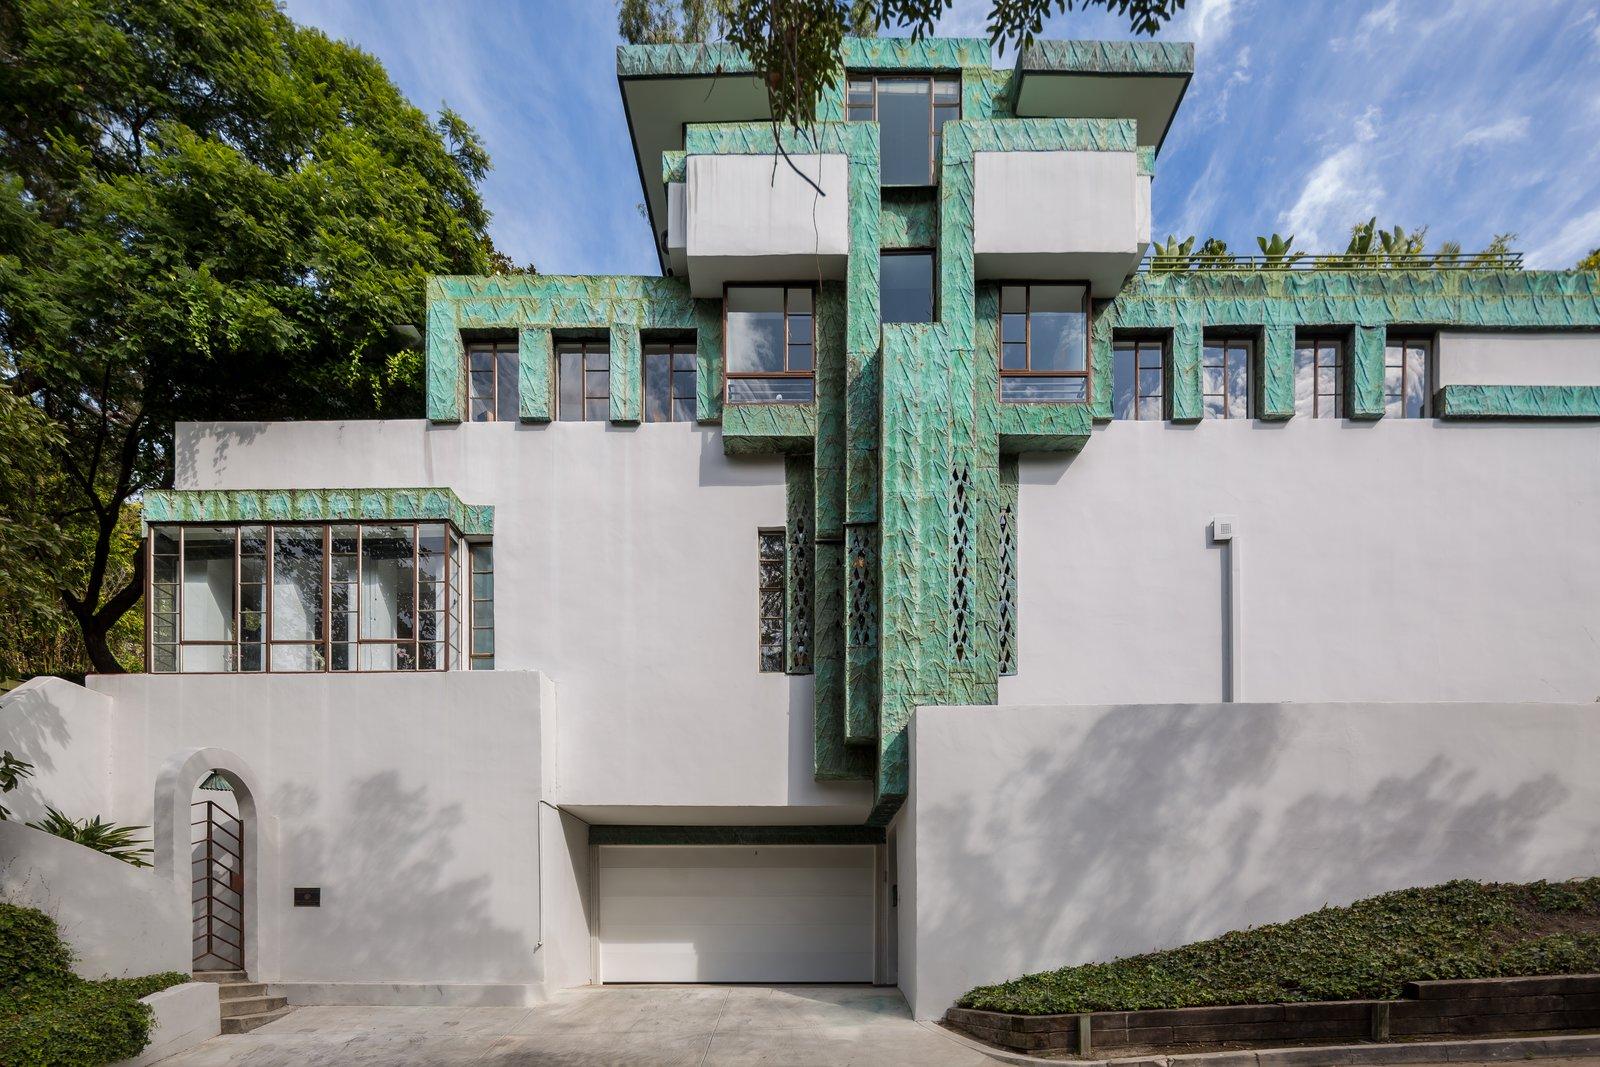 Samuel-Novarro House exterior